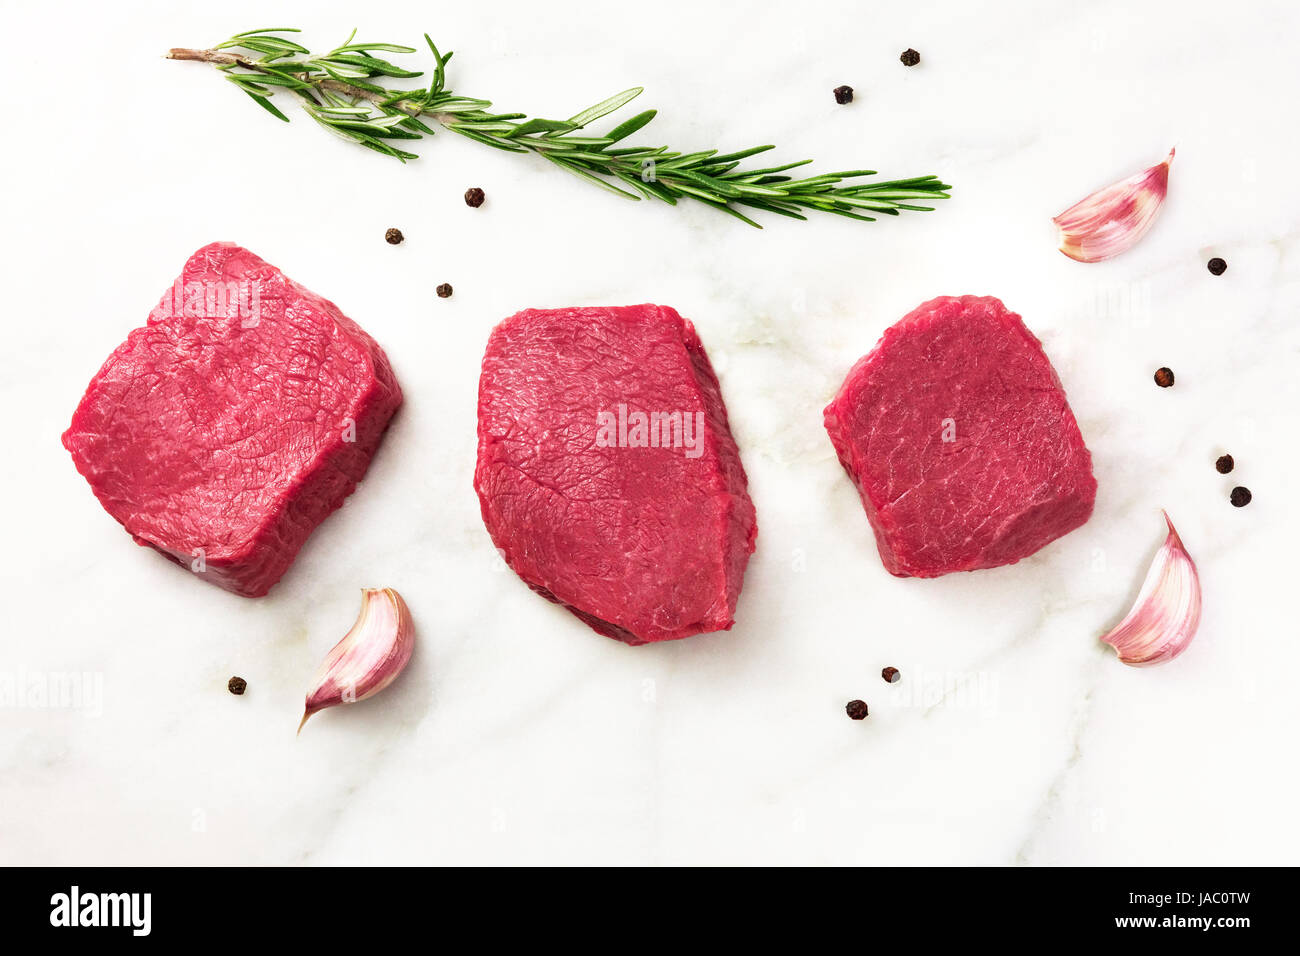 Drei Scheiben von rohem Fleisch mit Gewürzen und Exemplar Stockbild